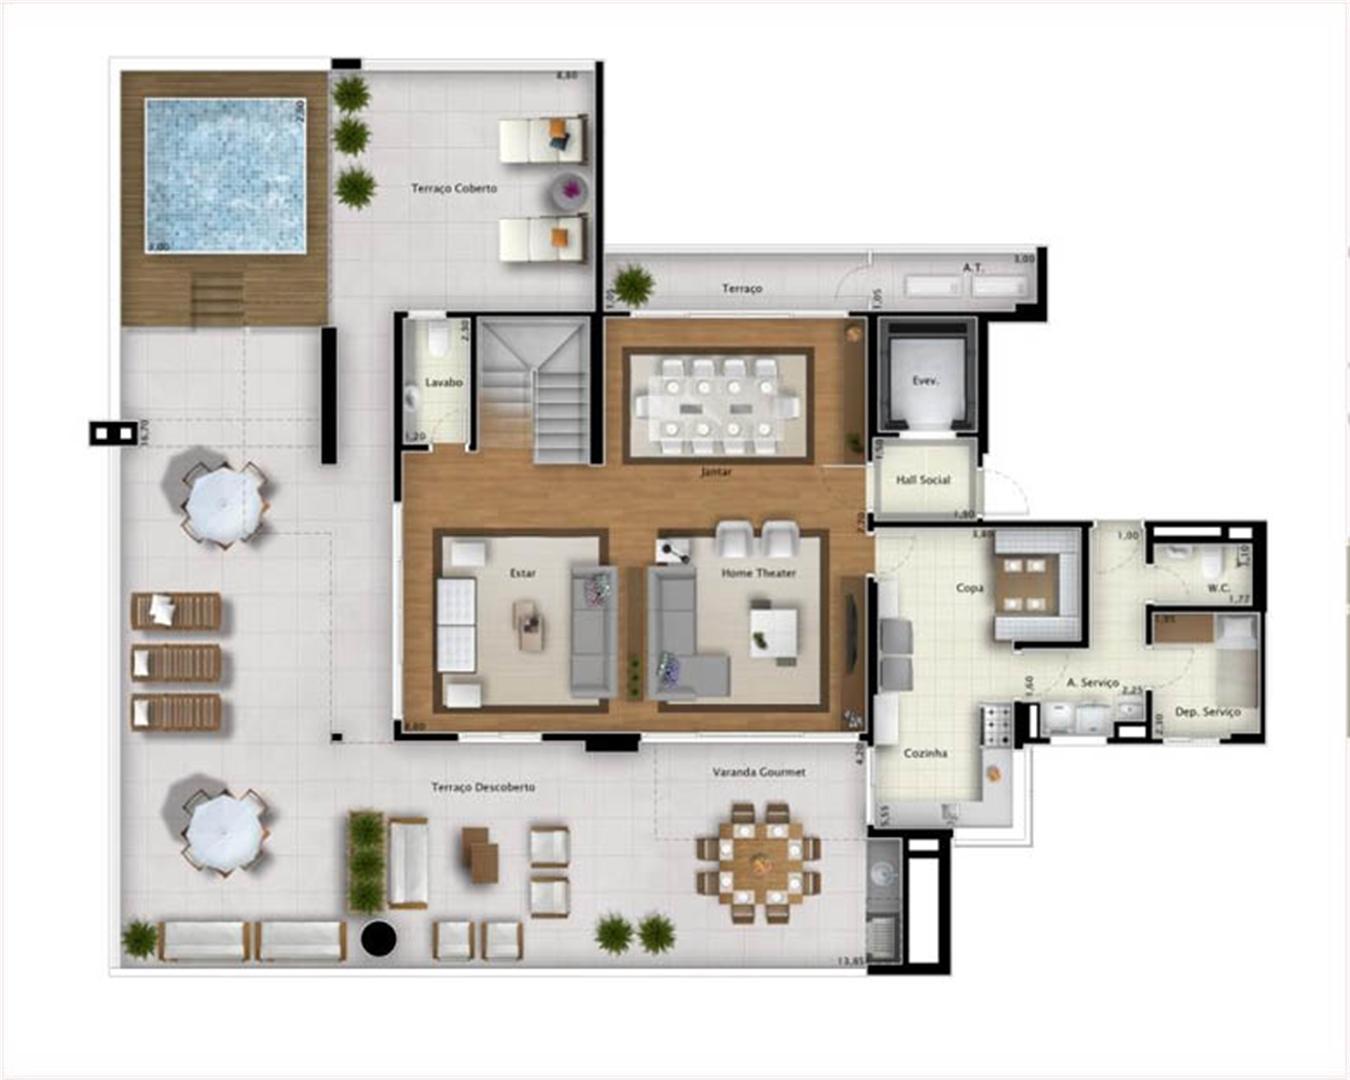 Cobertura Bay View 421 m² (pavimento inferior) | Mirage Bay – Apartamento em  Umarizal  - Belém - Pará